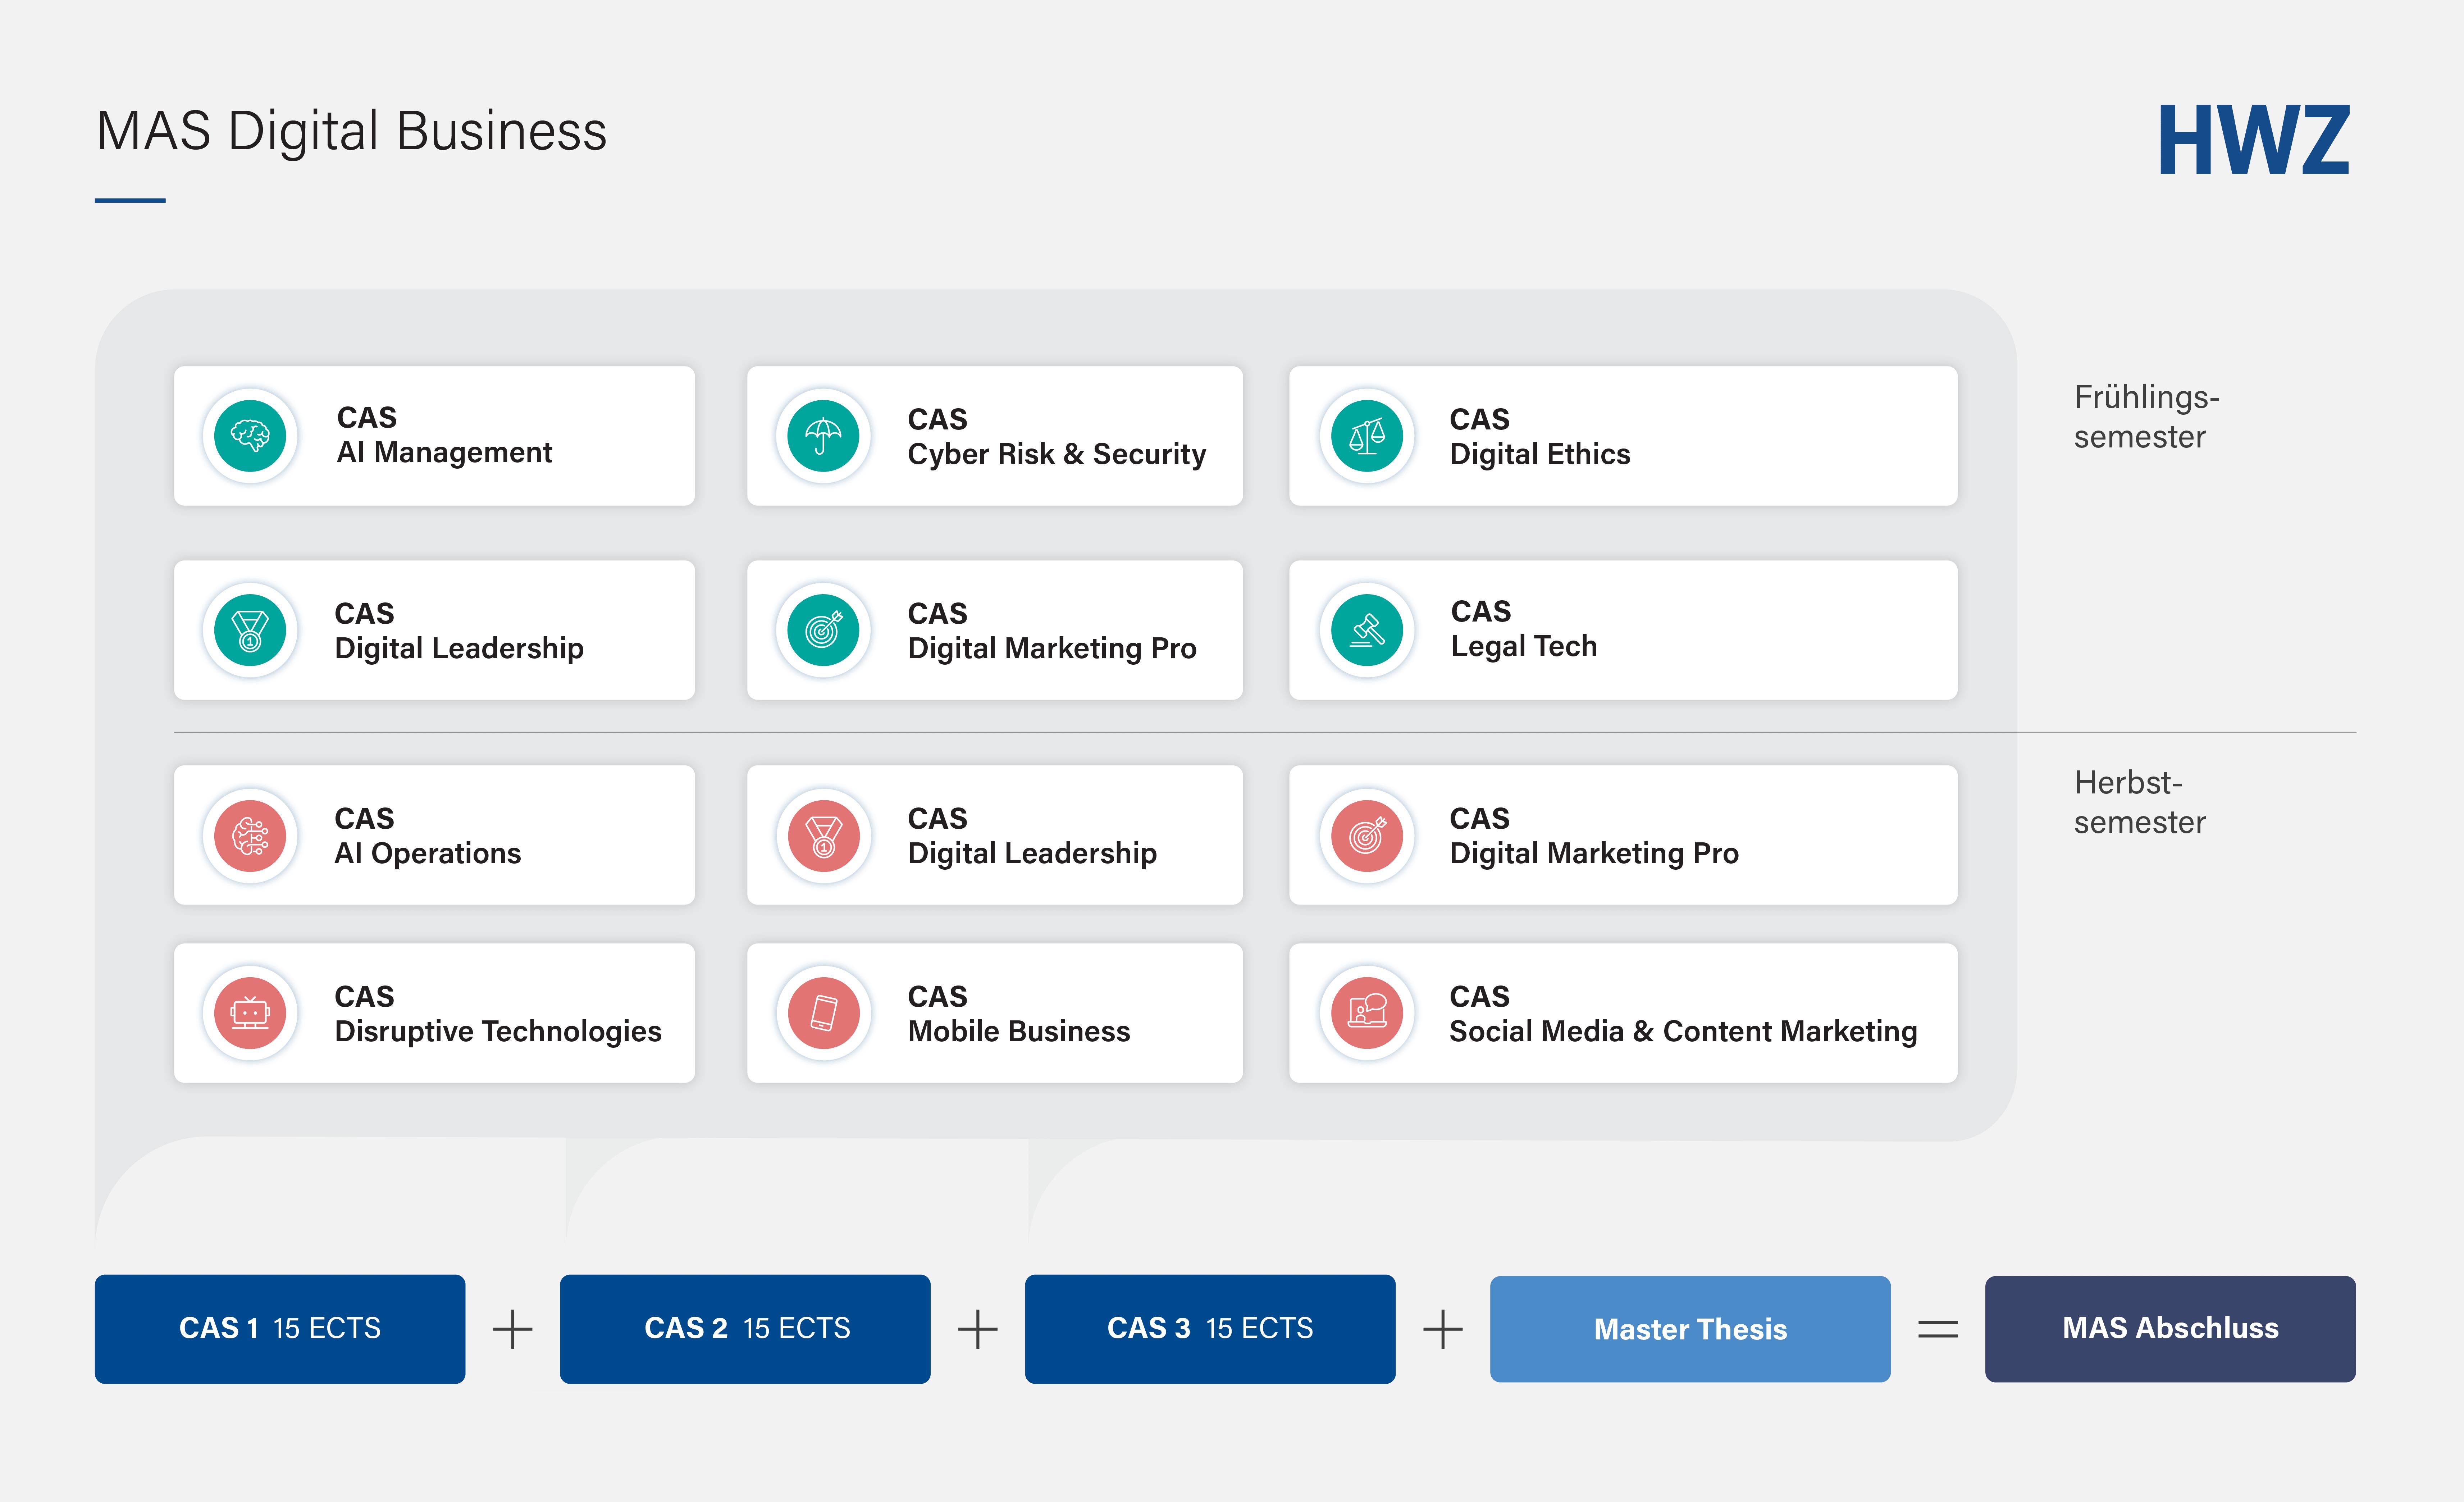 Grafik Auswahl CAS zum MAS Digital Business HWZ